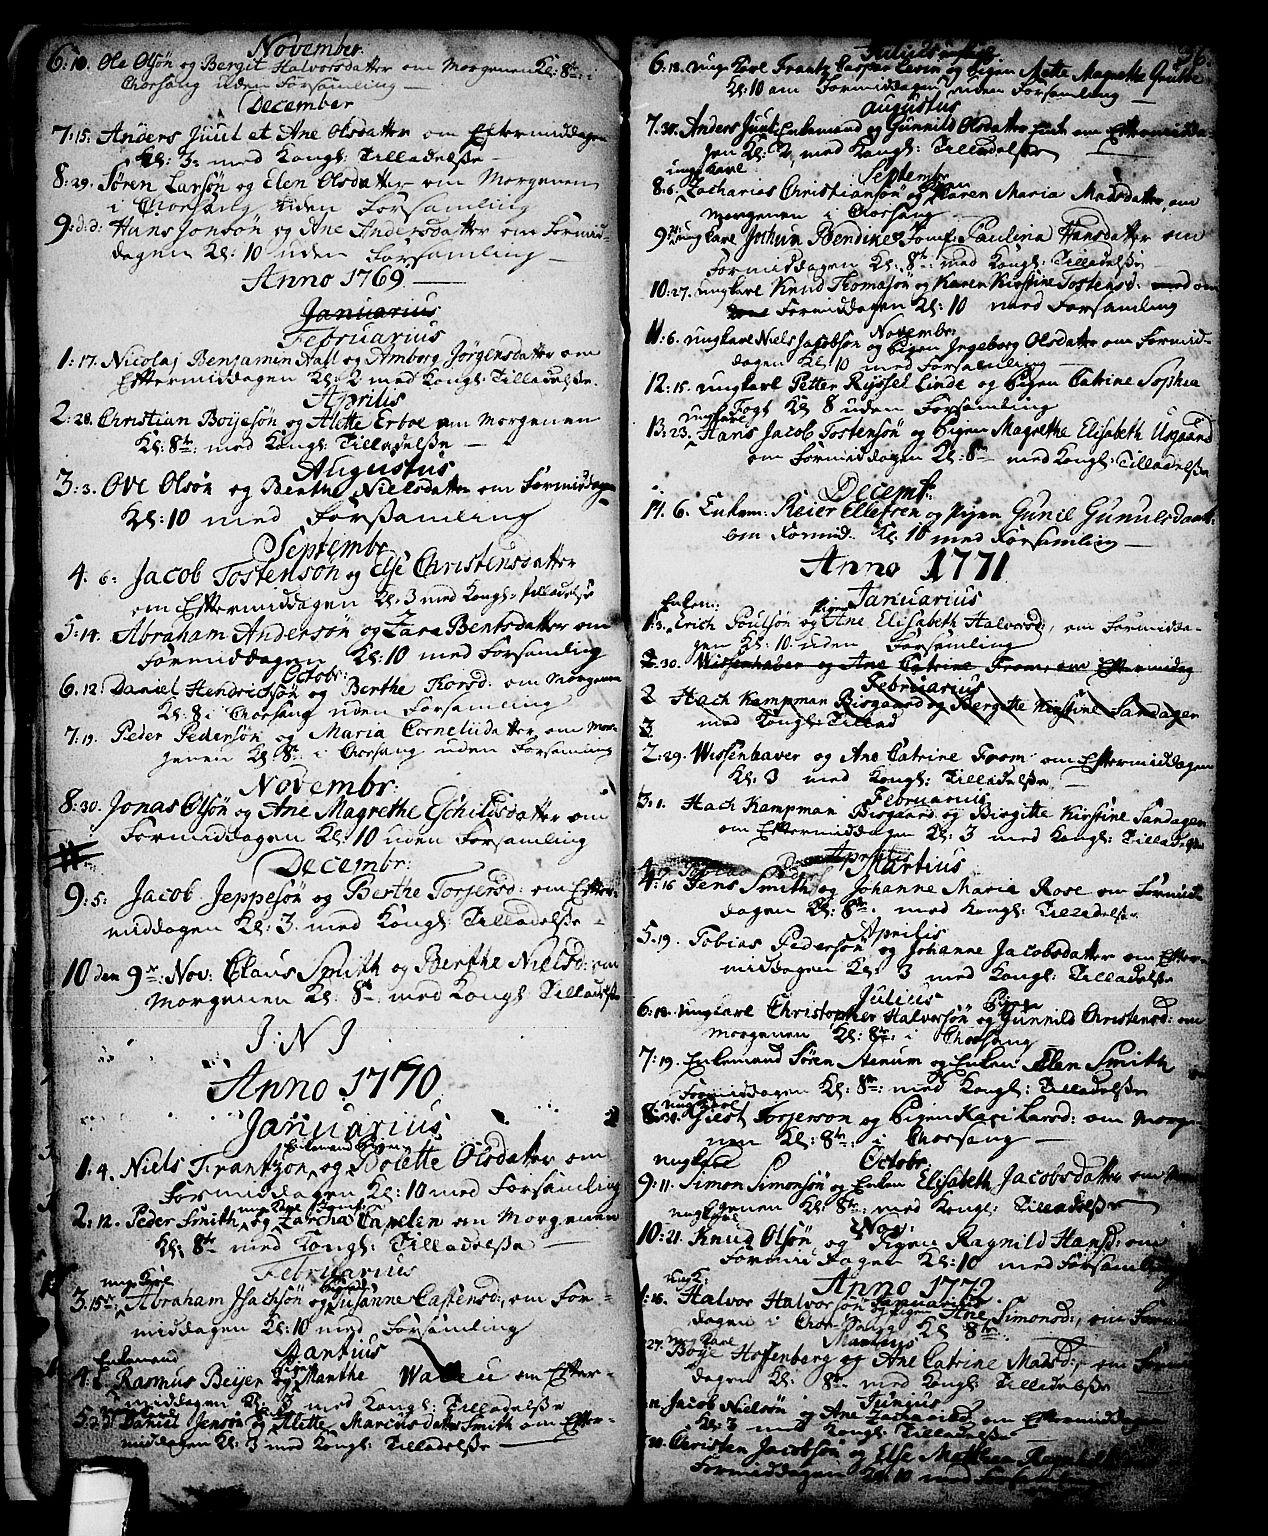 SAKO, Skien kirkebøker, G/Ga/L0001: Klokkerbok nr. 1, 1756-1791, s. 36